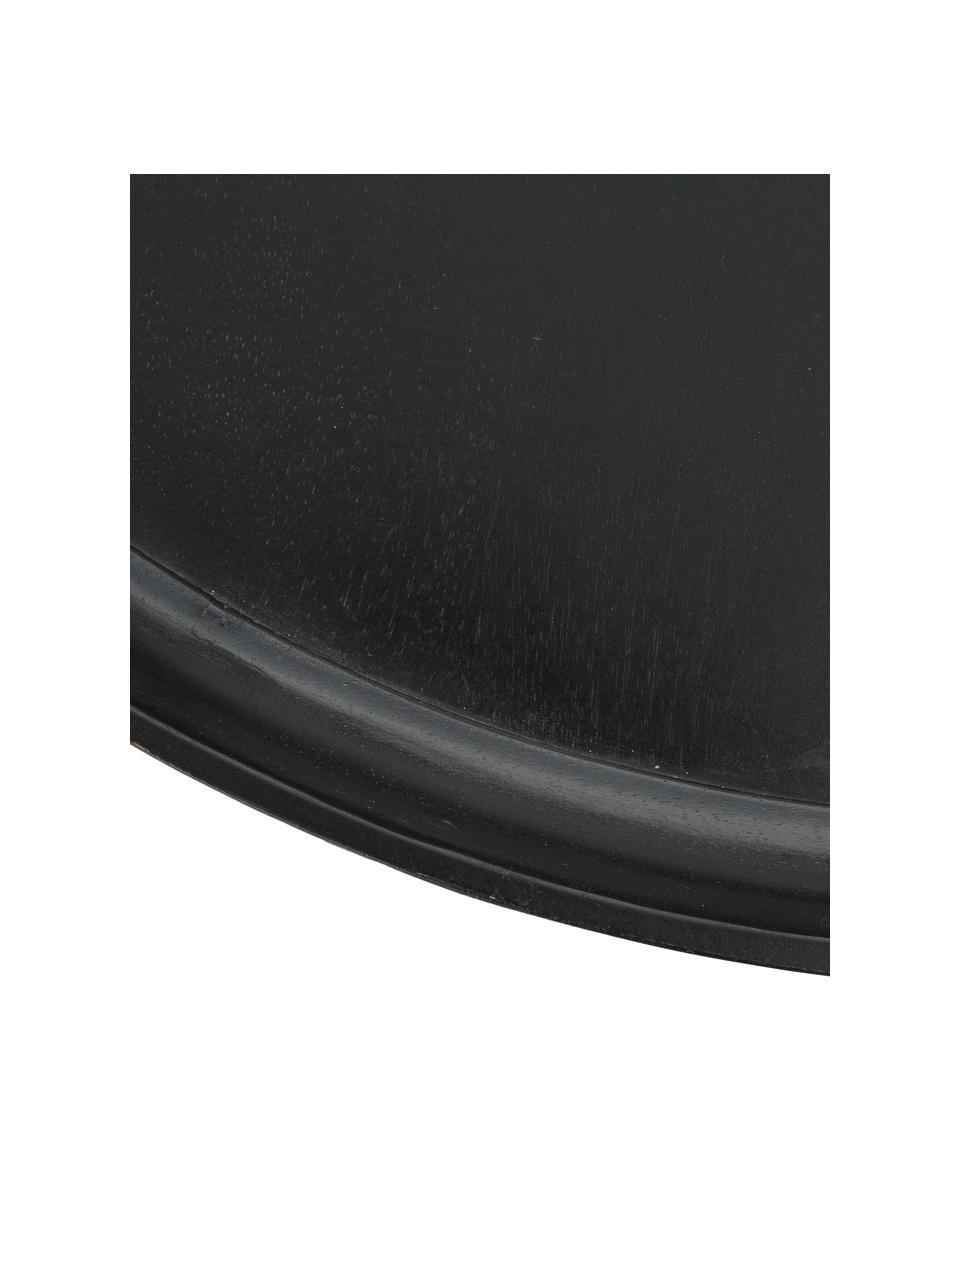 Stolik kawowy z drewna mangowego Bowl Table, Blat: drewno mangowe, barwione, Nogi: stal malowana proszkowo, Czarny, Ø 75 x W 38 cm